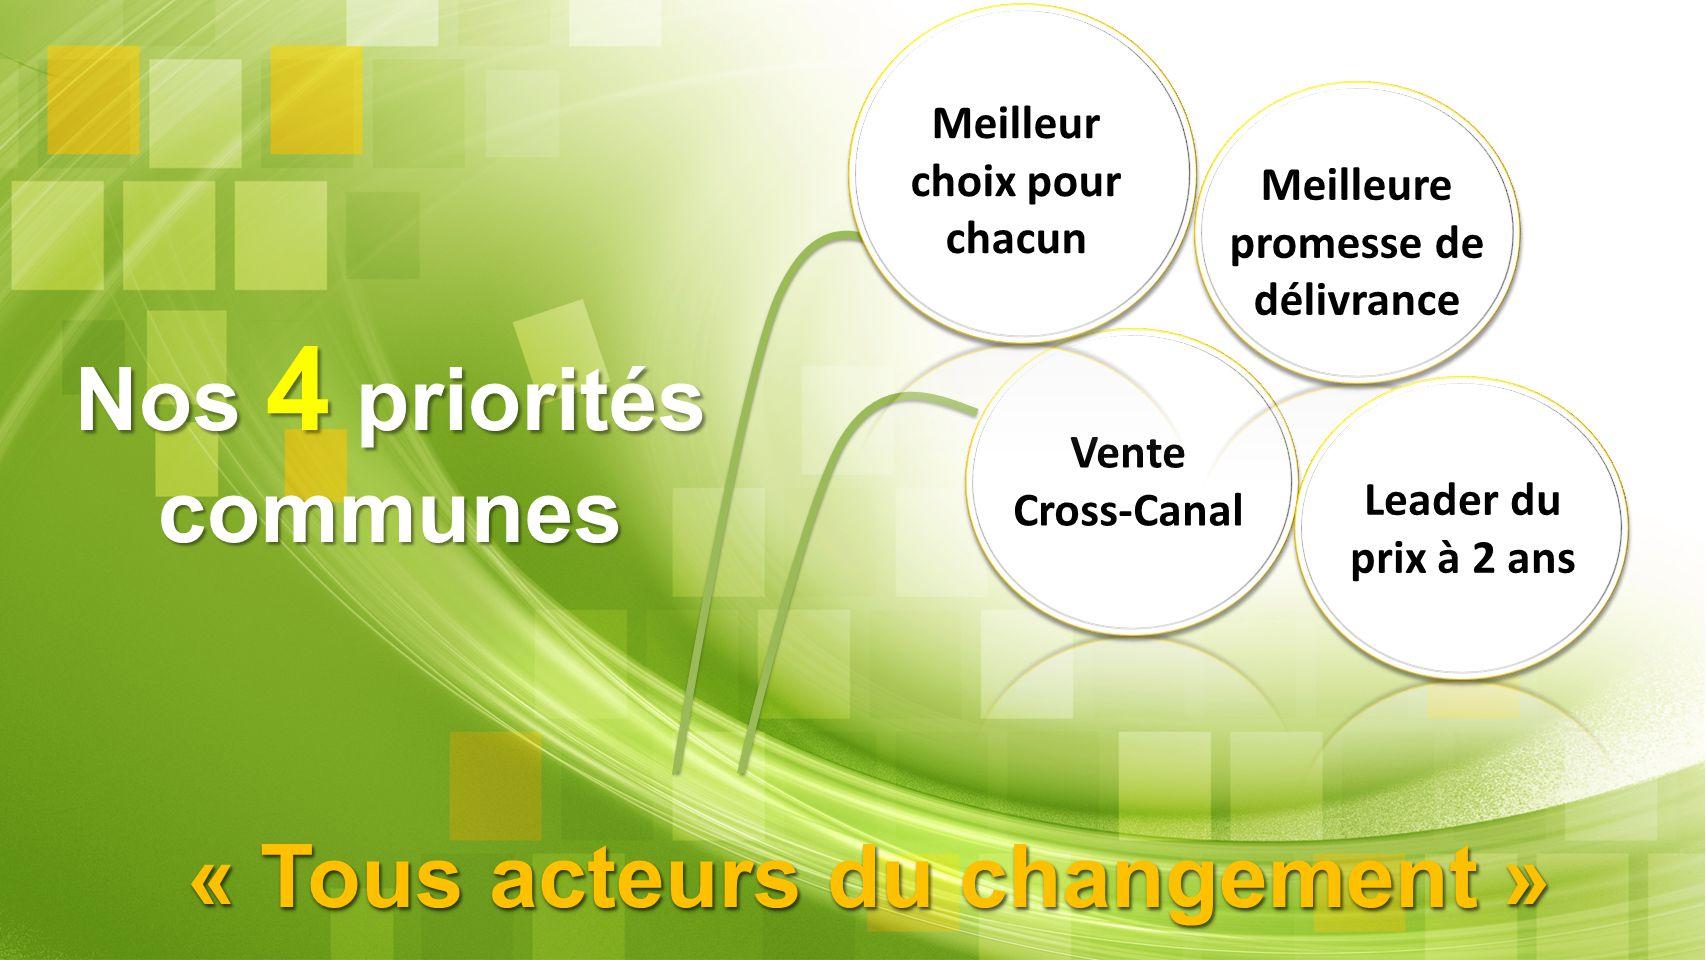 « Tous acteurs du changement » Vente Cross-Canal Meilleure promesse de délivrance Leader du prix à 2 ans Nos 4 priorités communes Meilleur choix pour